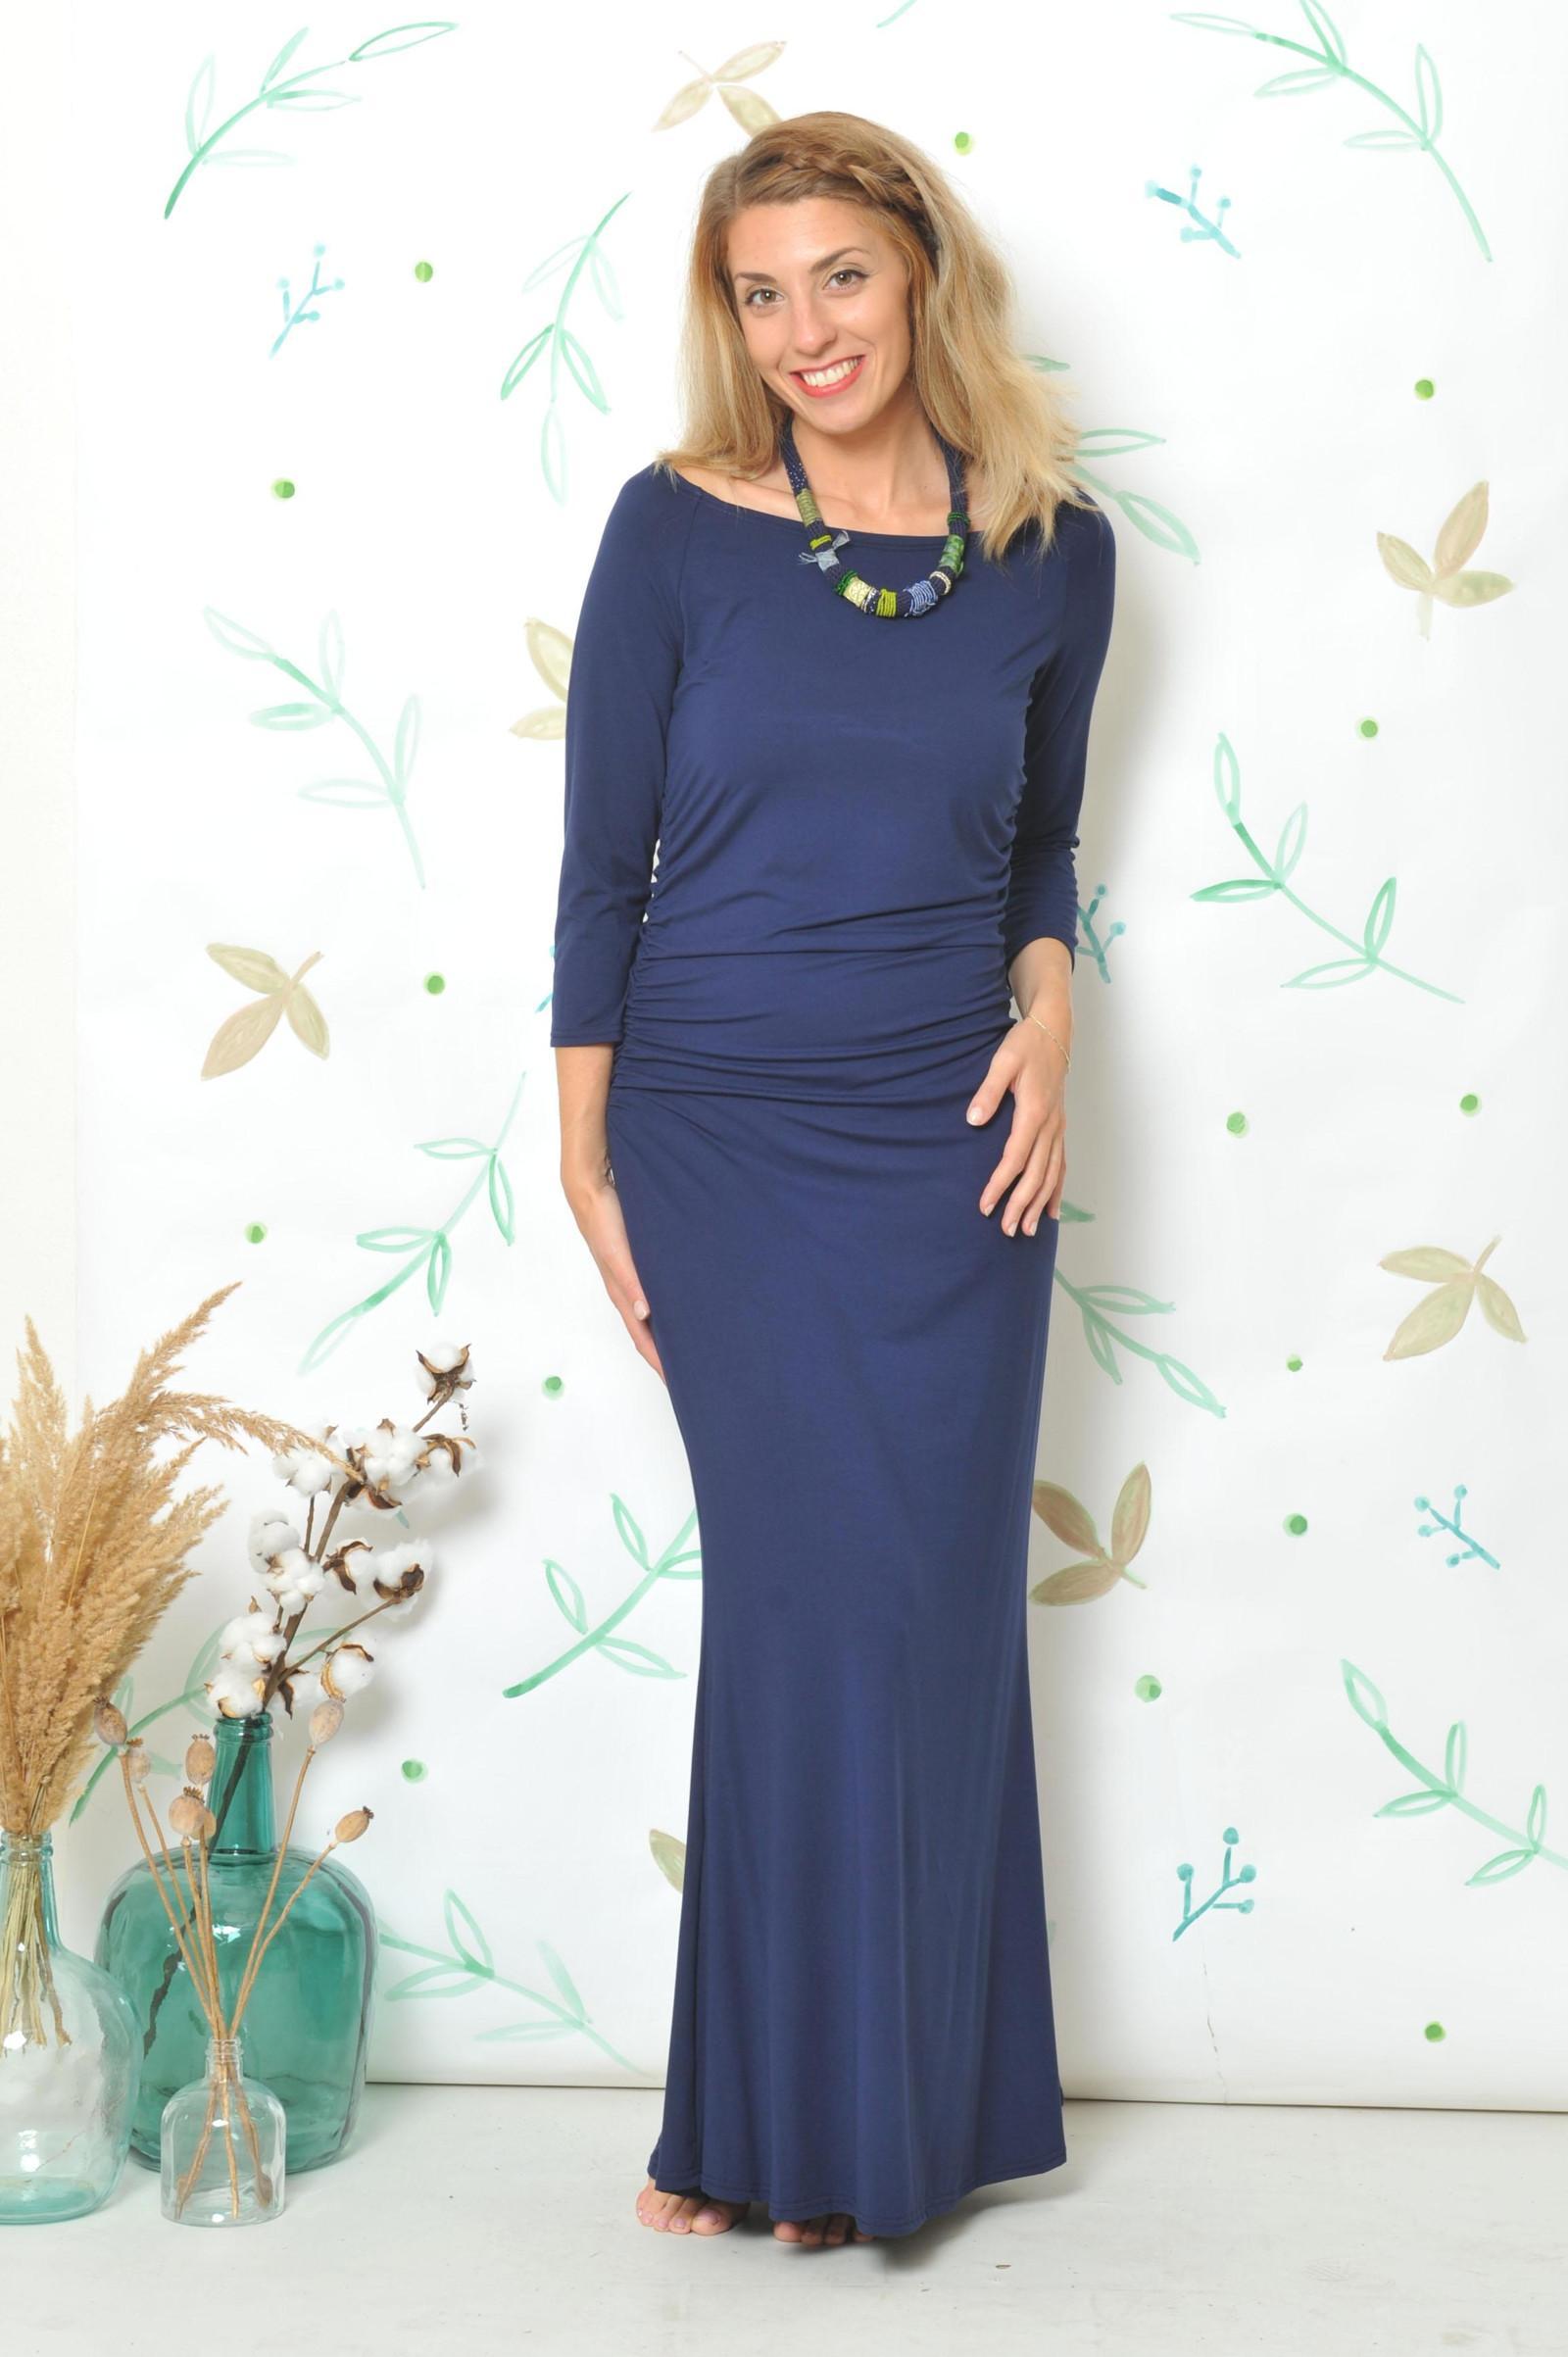 Dlouhé šaty s řasením - Alex modré 17362a260b